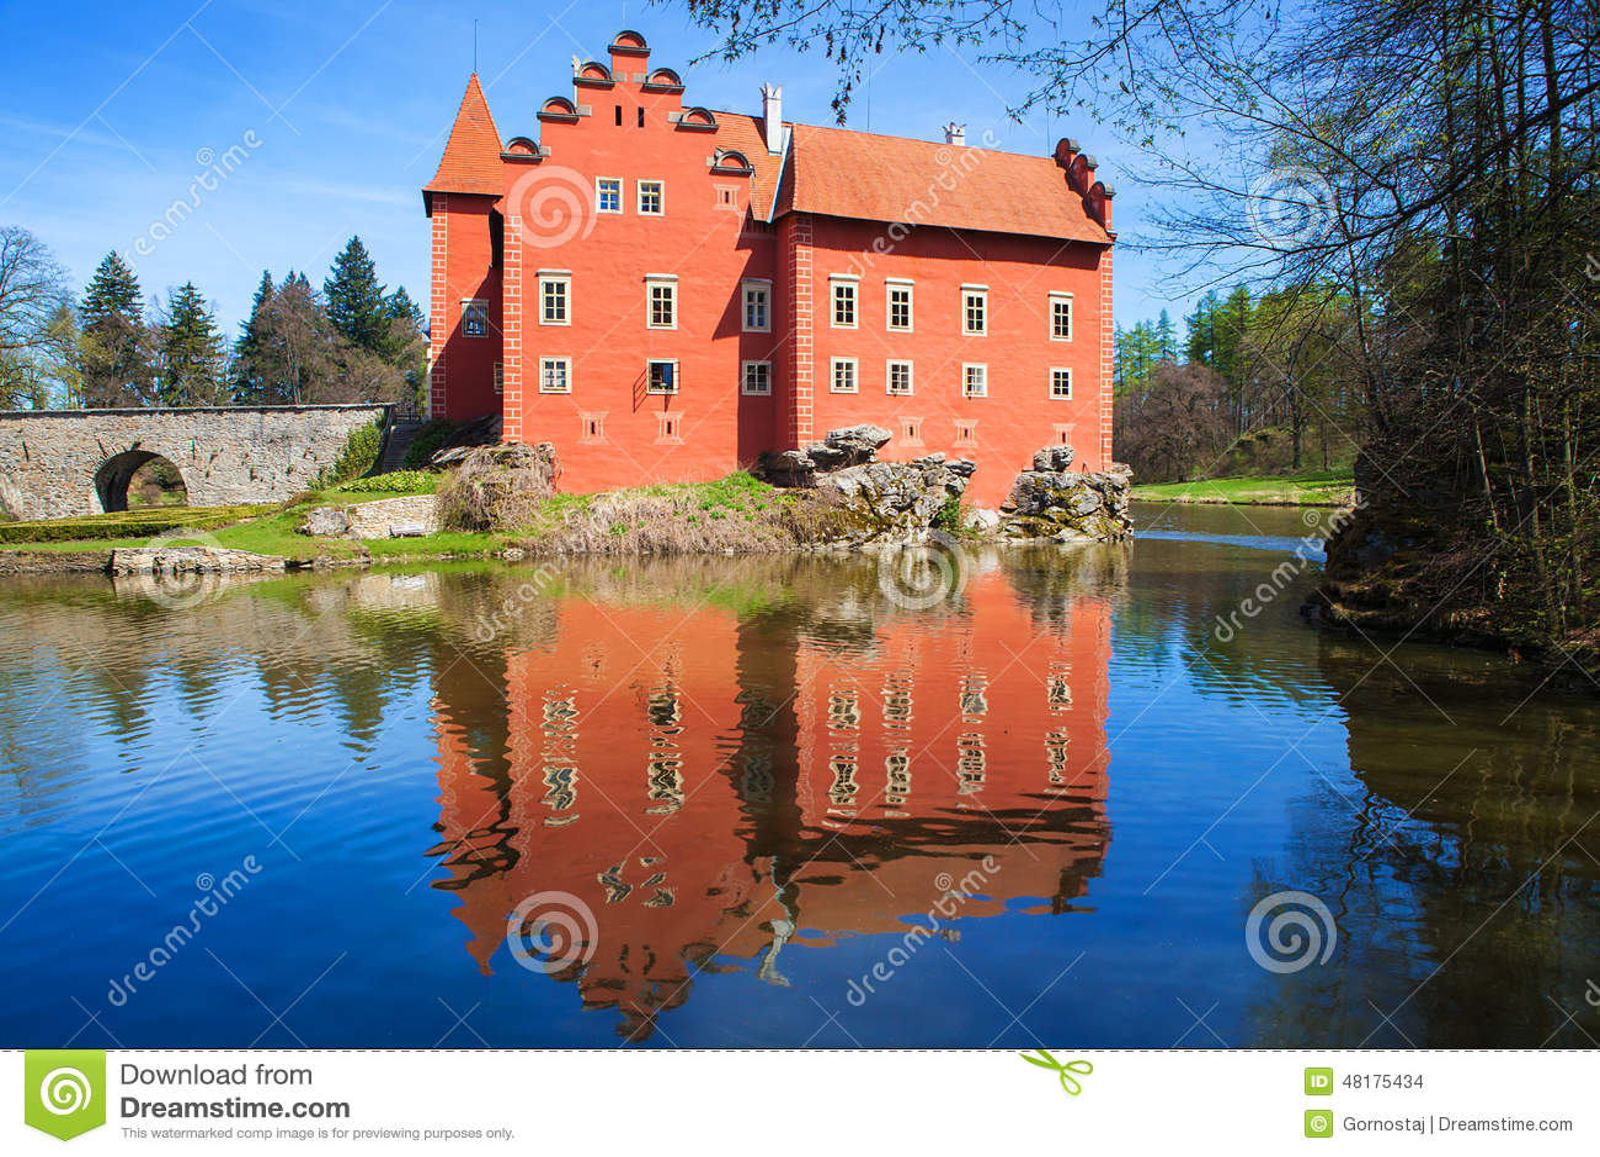 Castello di Cervena Lhota, Repubblica ceca